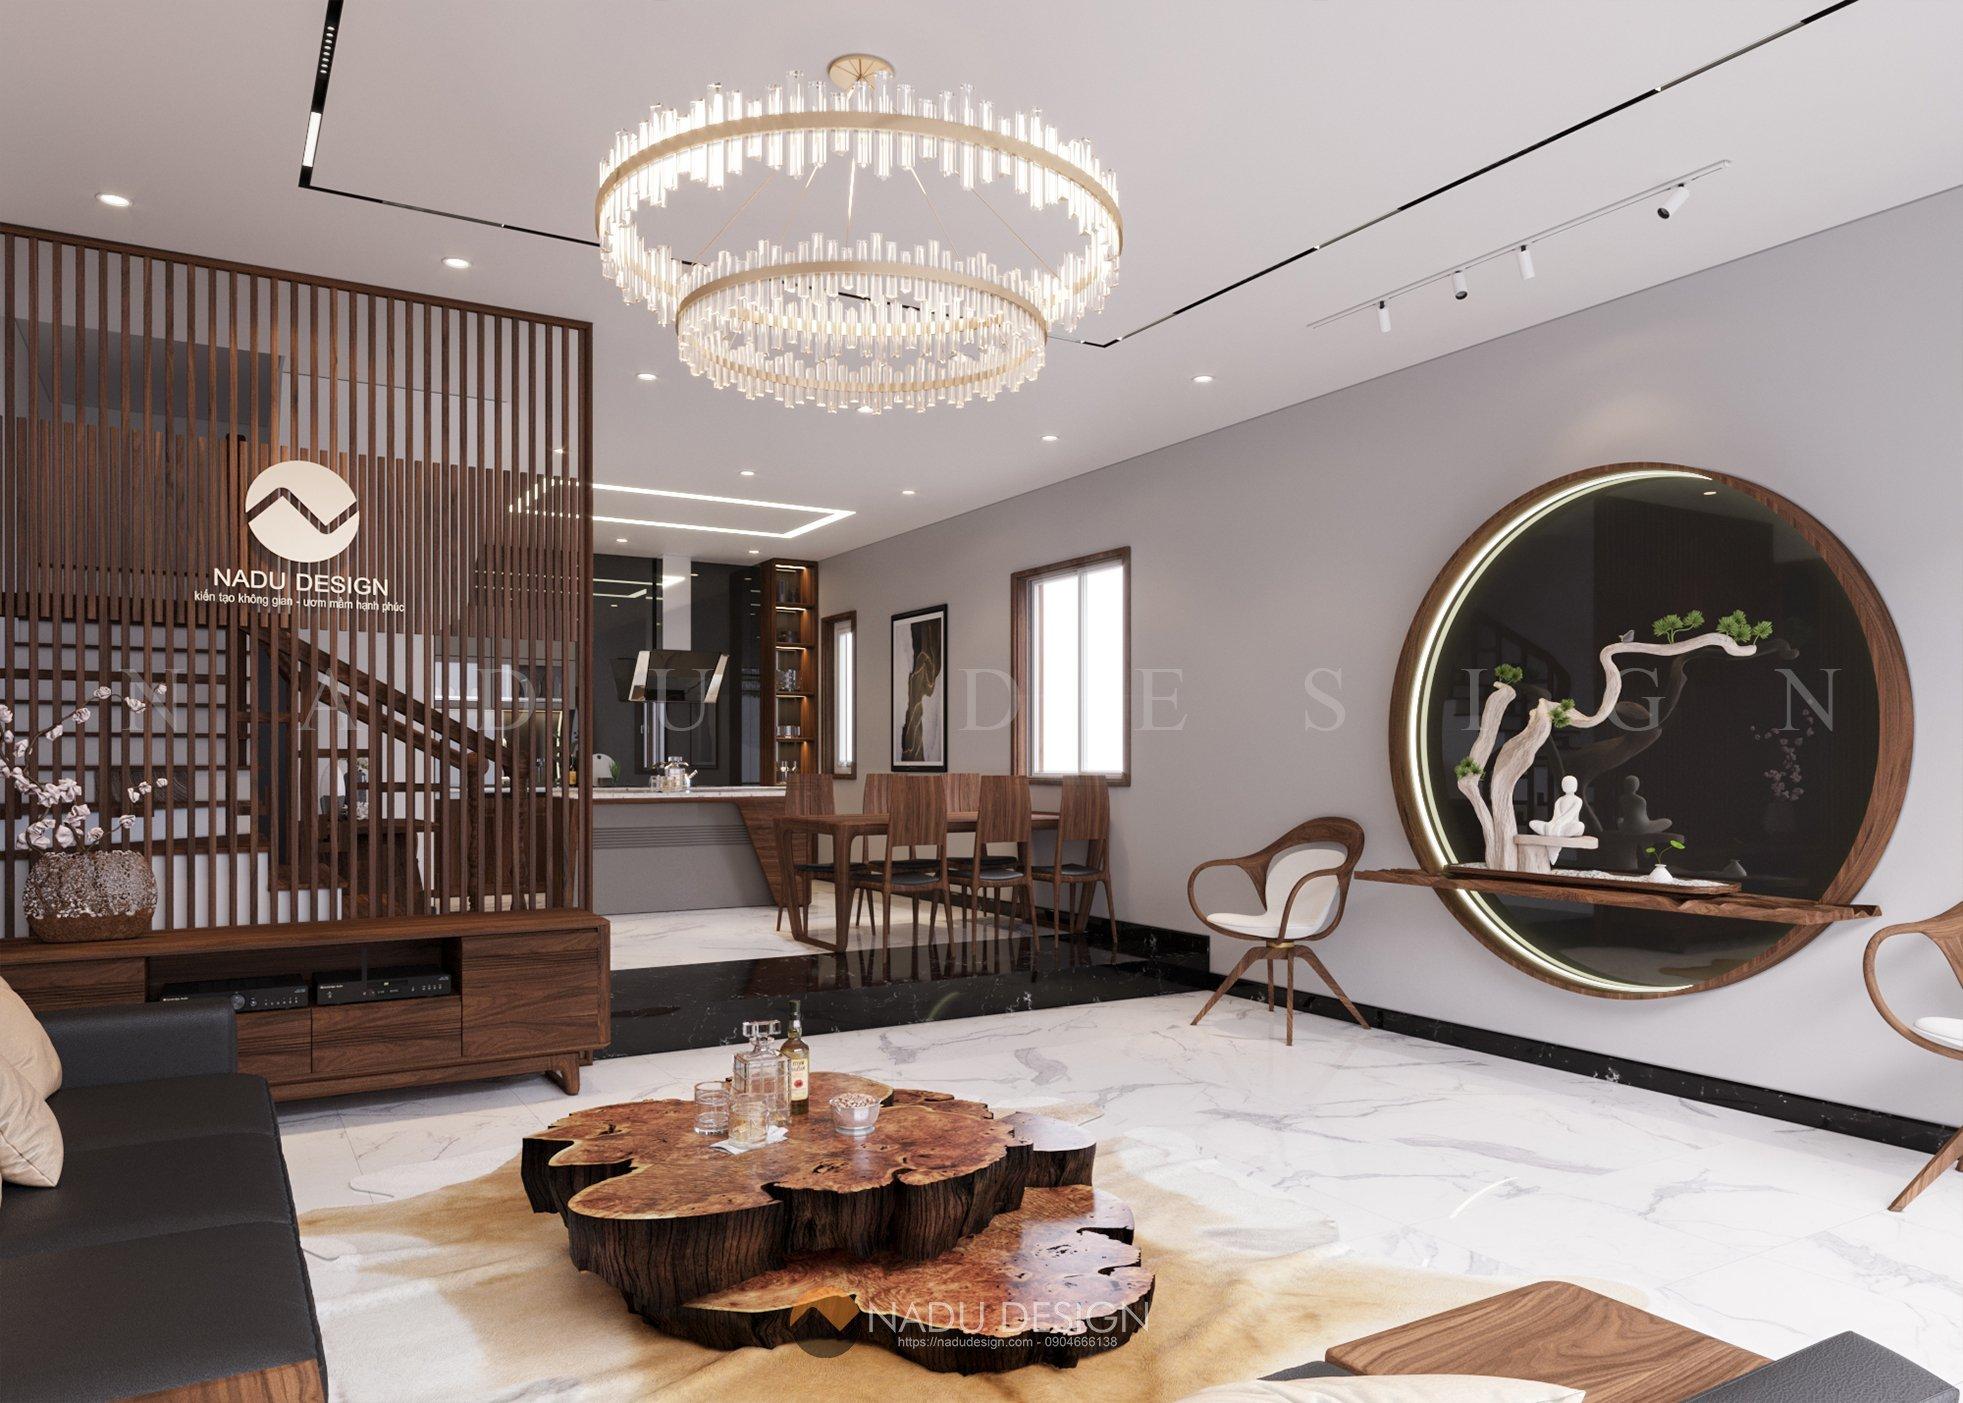 Thiết kế  thi công showroom NaDu Design - Không gian đầy nghệ thuật